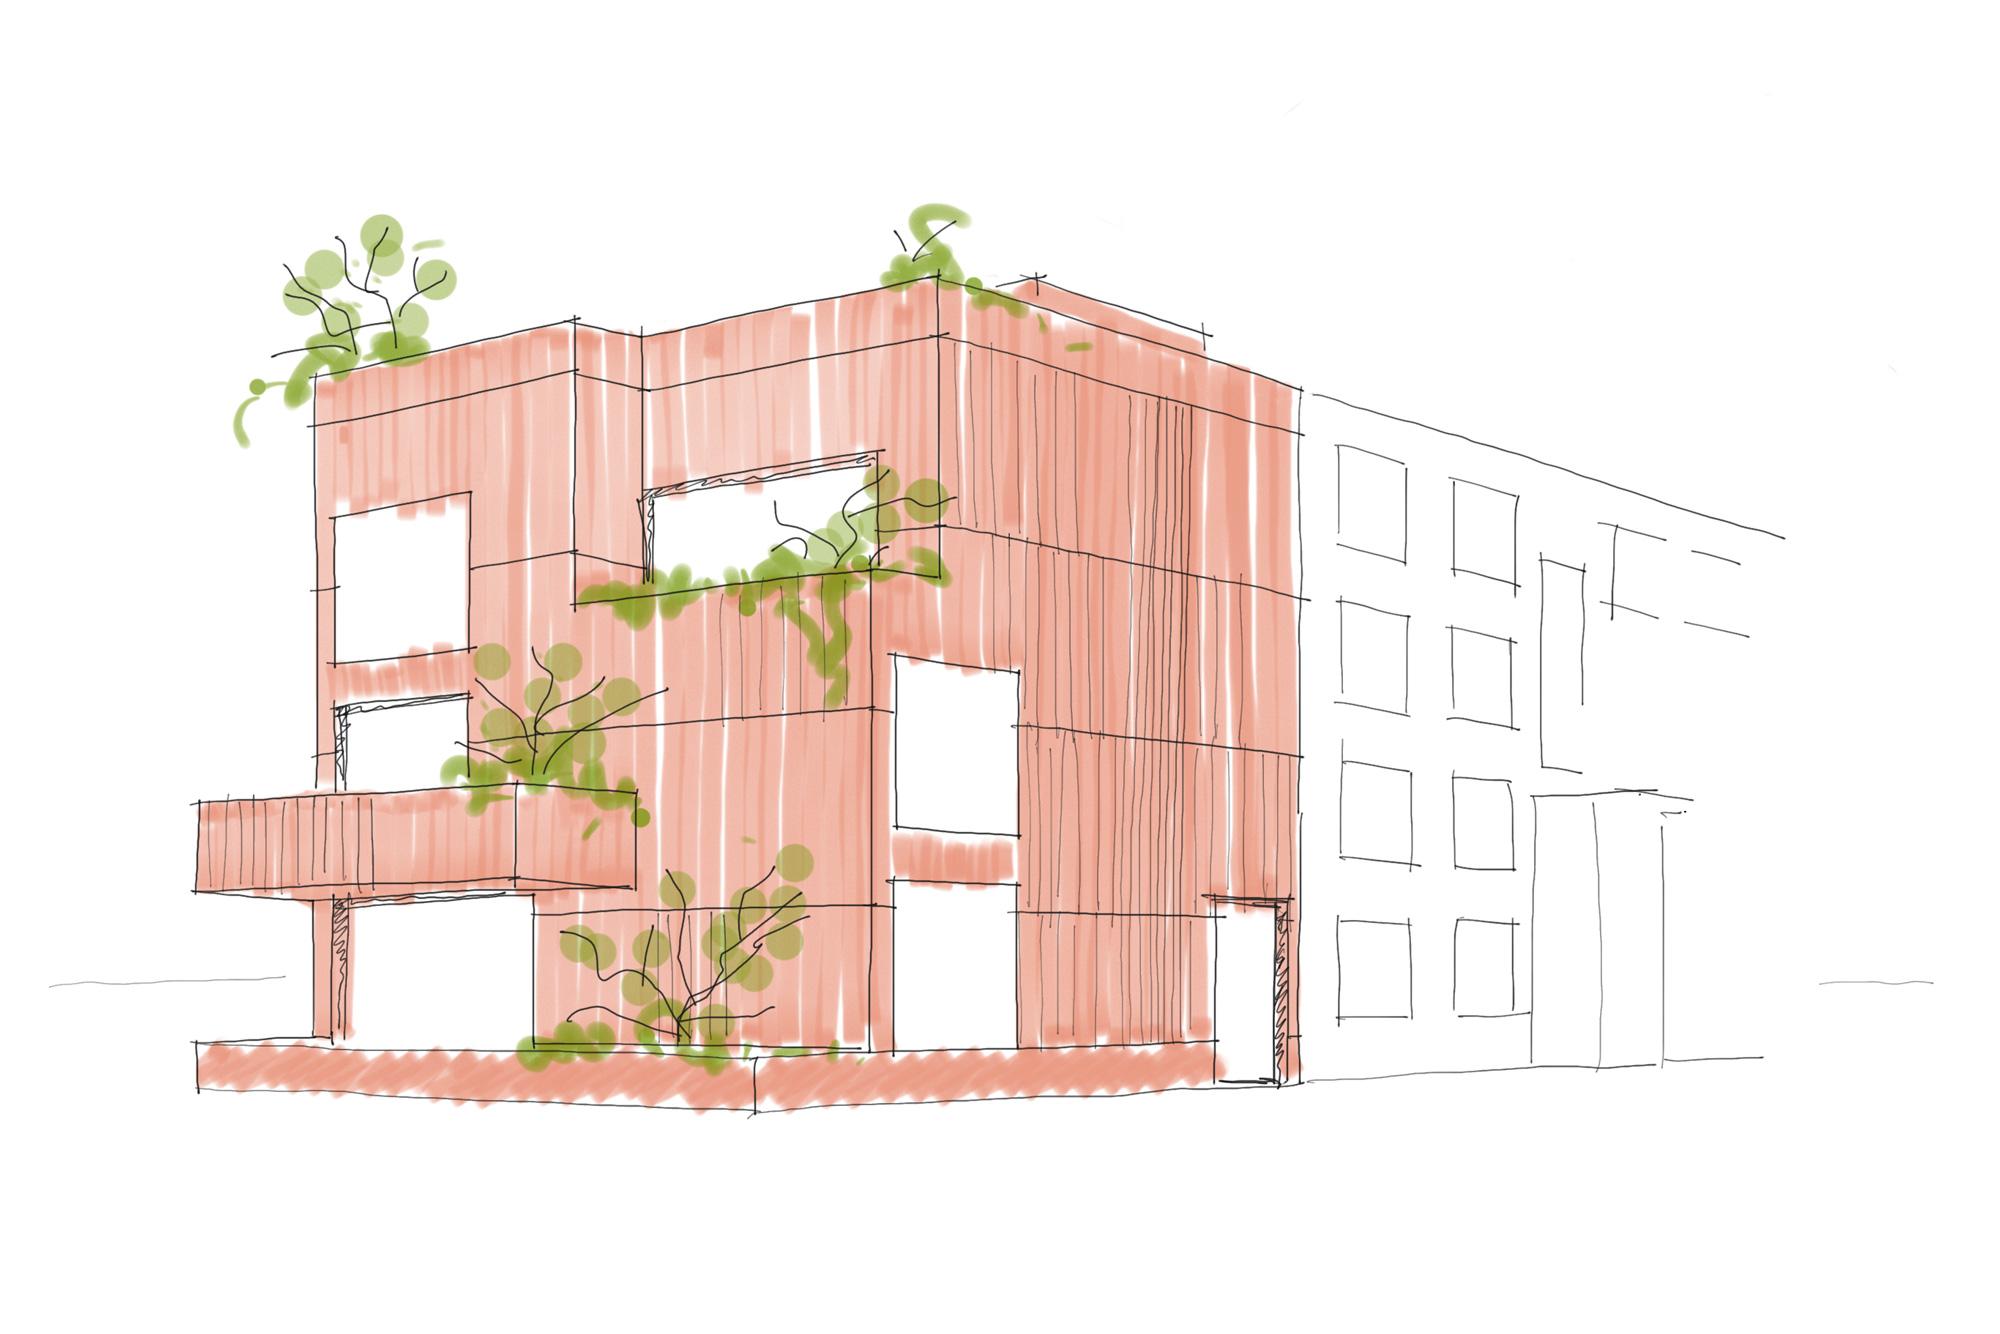 clt-hout-stapelbouw-appartement-architectuur